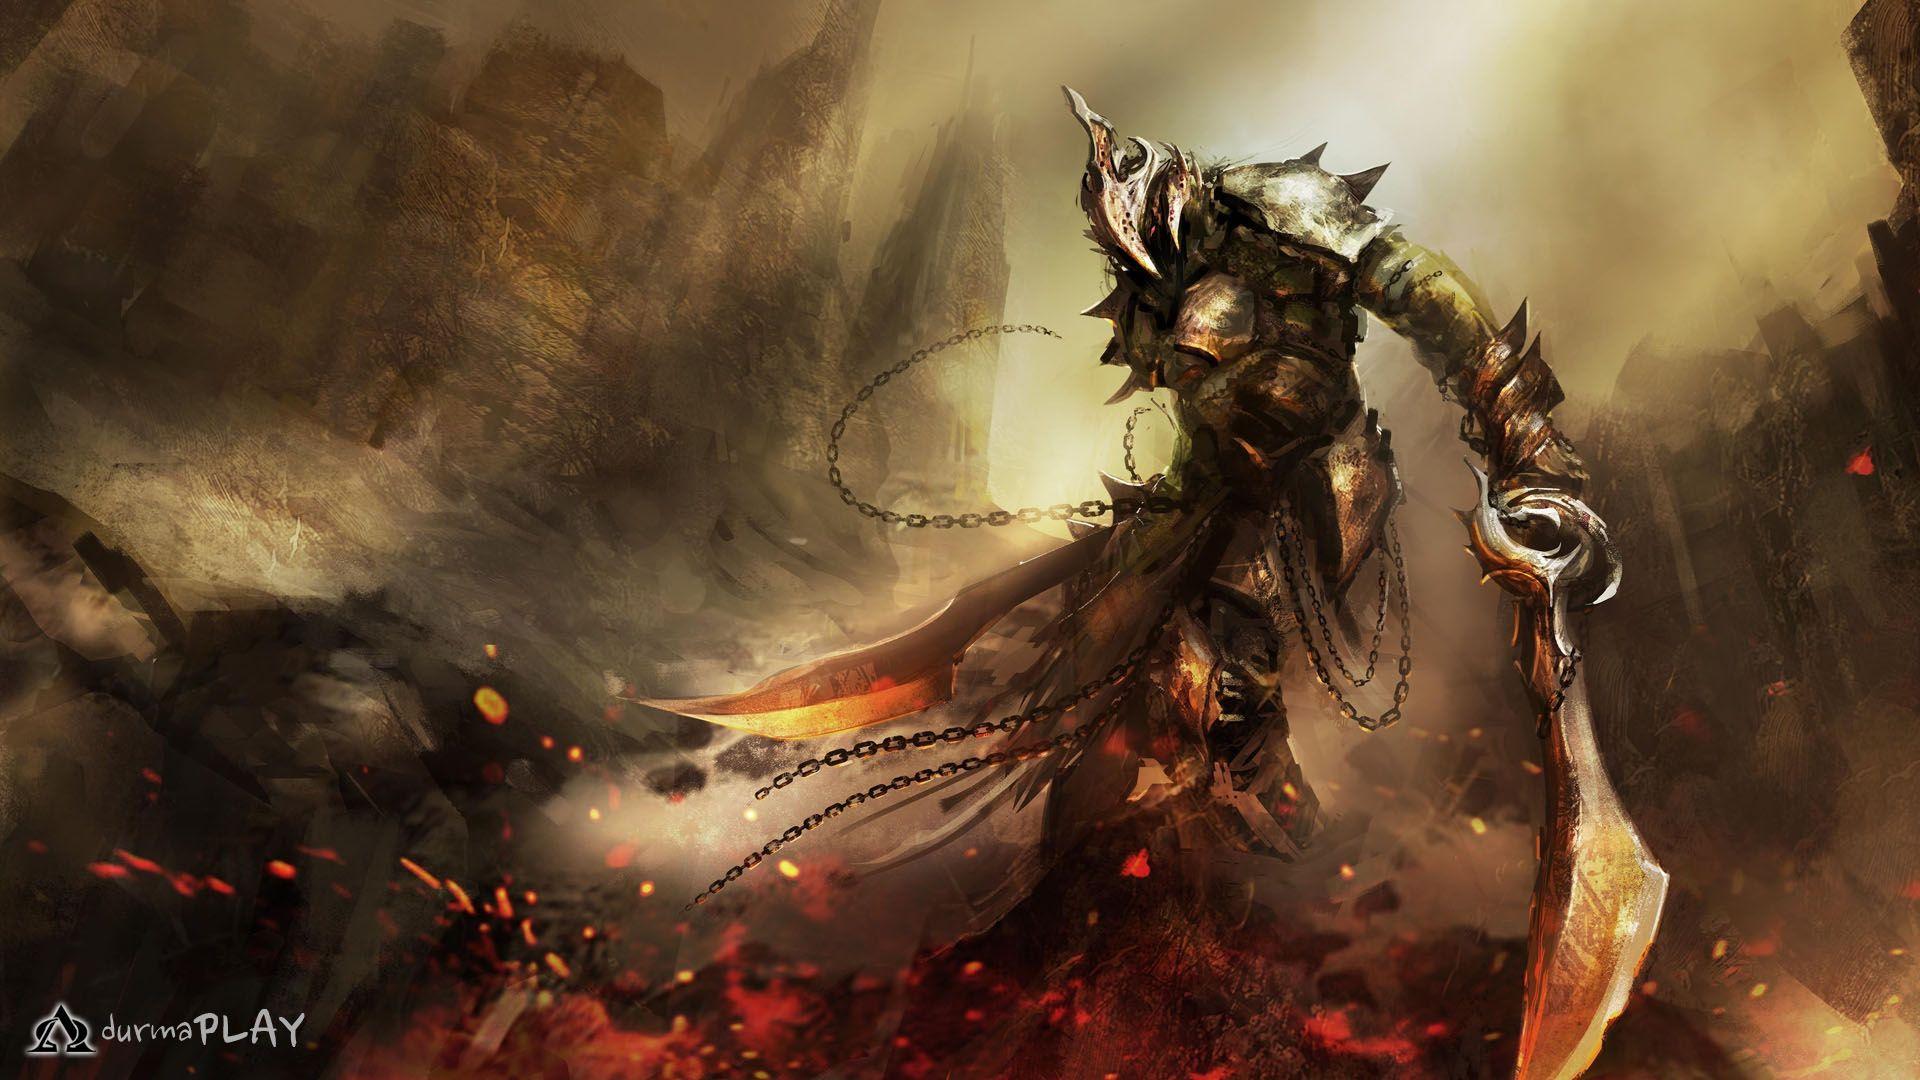 https://www.durmaplay.com/product/diablo-3-gold-cdkey-blizzard diablo-3-gold-cd-key-reaper-of-souls-d3-gold-durmaplay-oyun-003.jpg 1.920×1.080 piksel